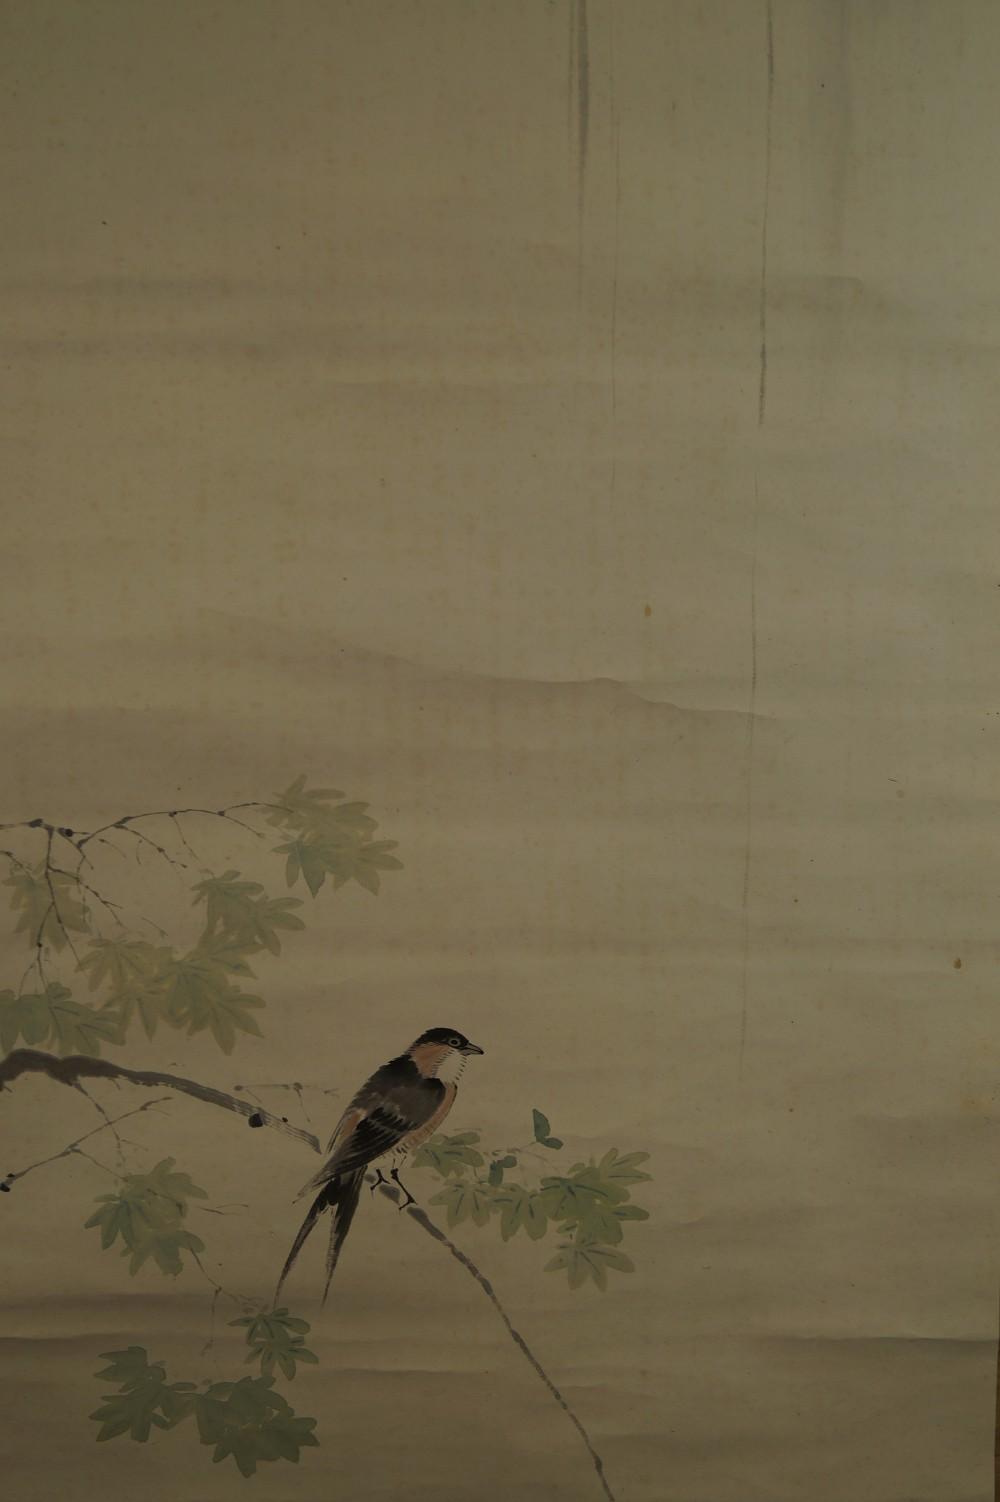 Vogel am Wasserfall - Japanisches Rollbild (Kakejiku, Kakemono)